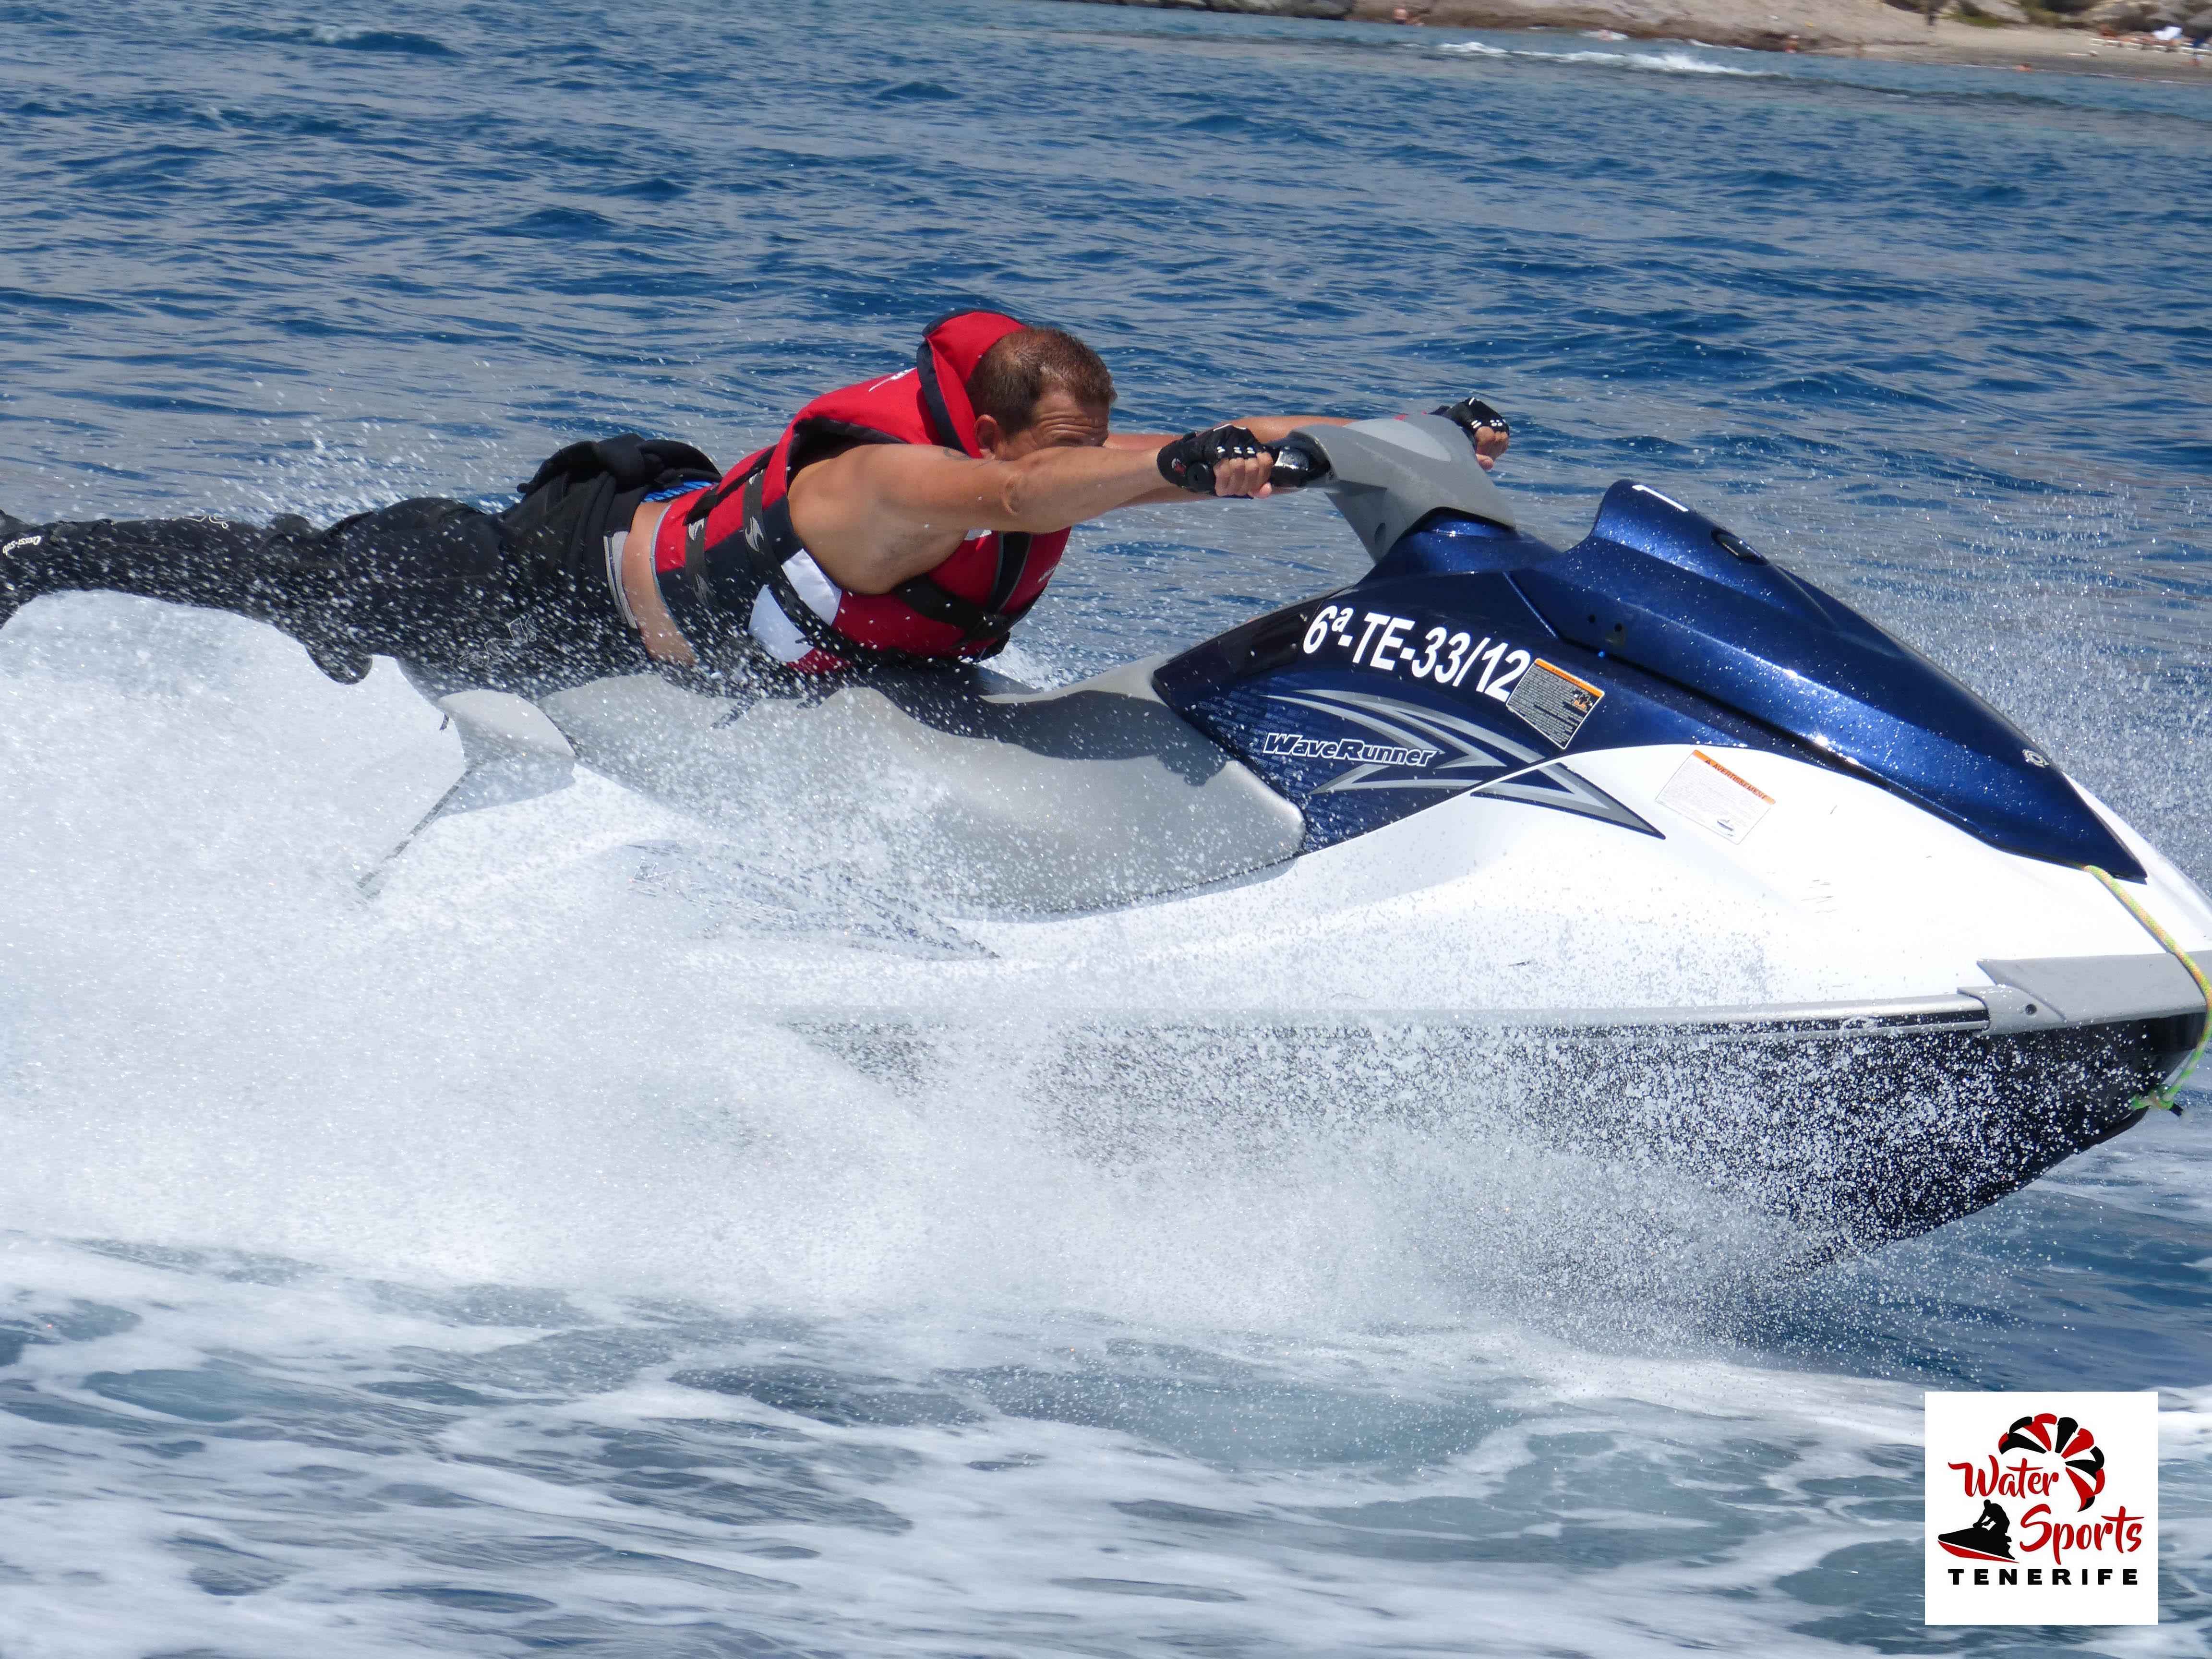 jet ski safari noleggio moto d'acqua isole canarie tenerife los cristianos las americas